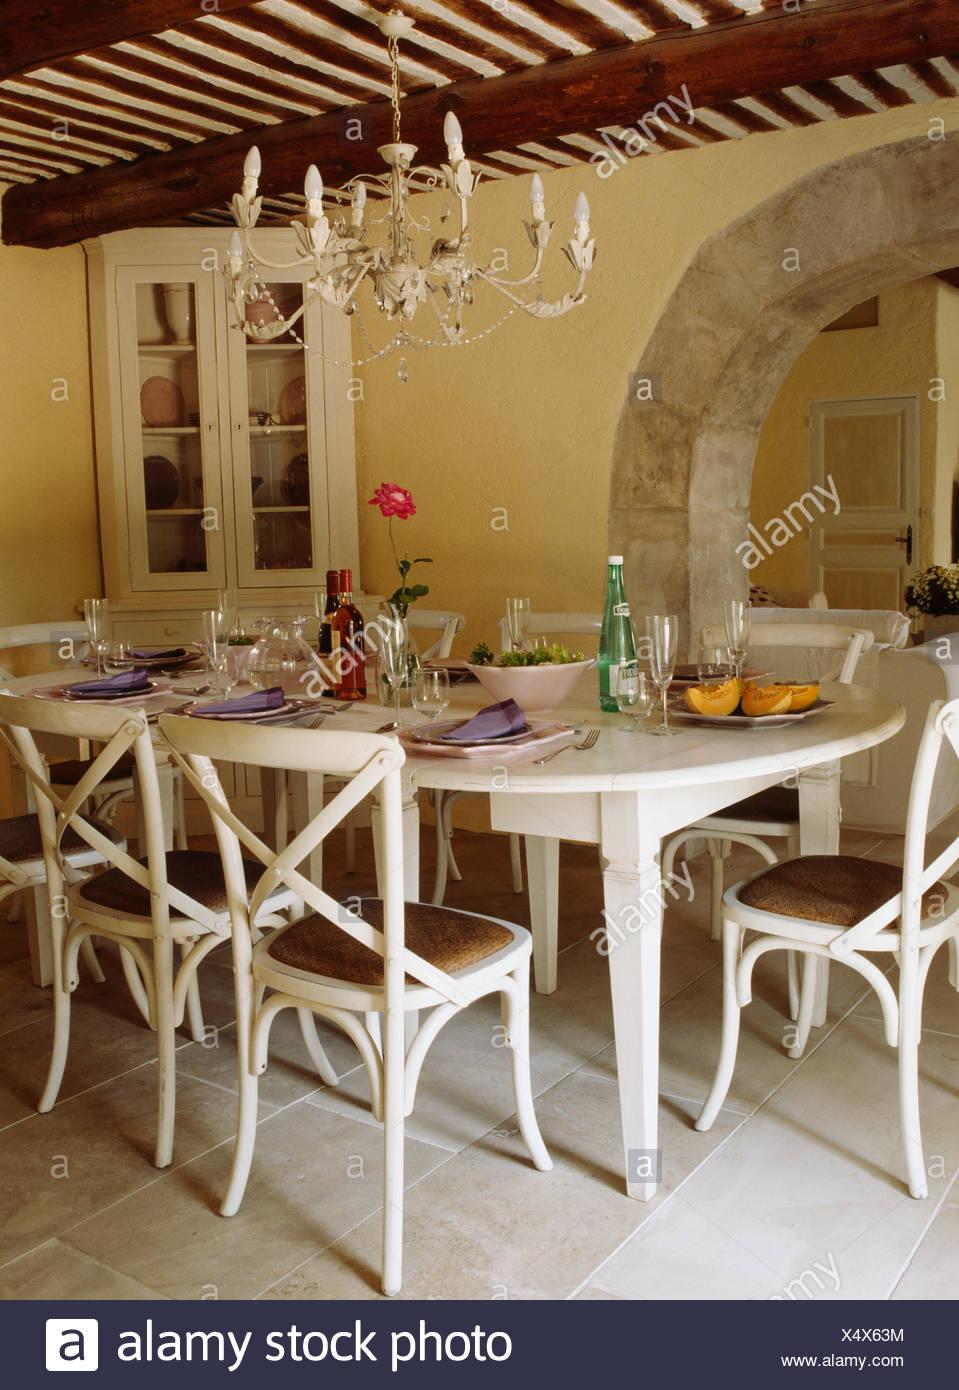 creme simple chandelier en metal peint creme chaises et table de salle a manger pays francais